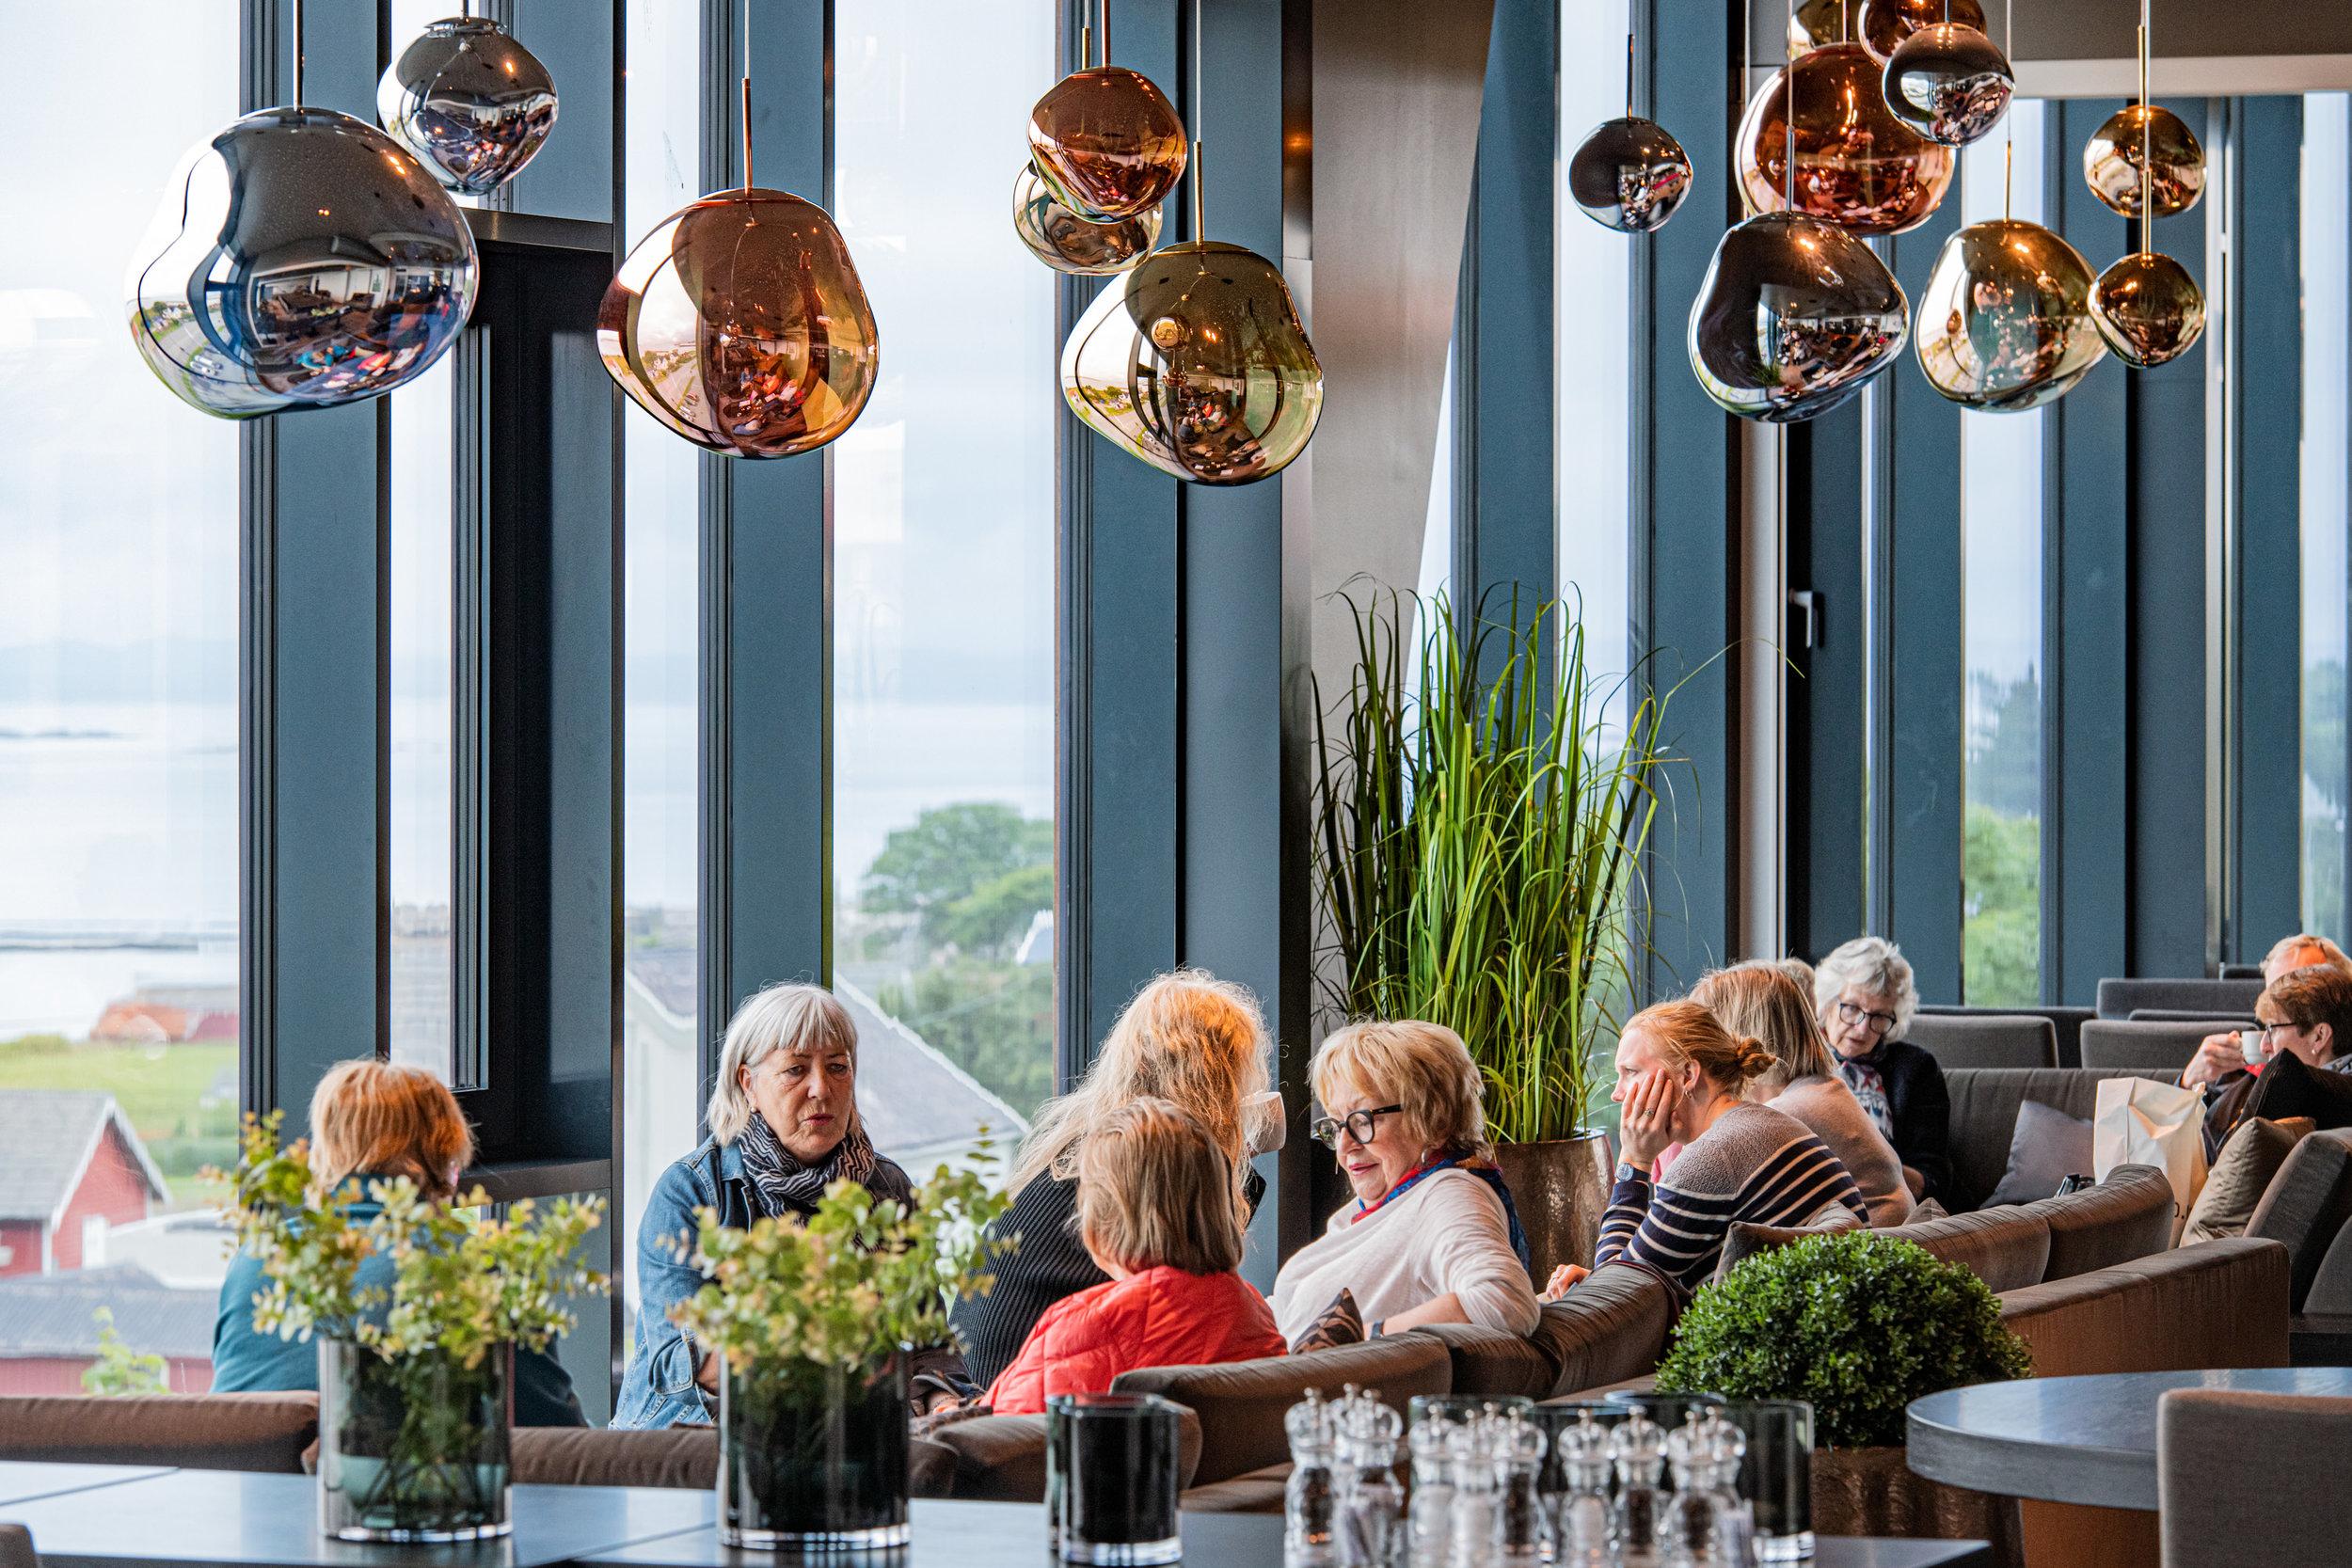 restaurant_2019_-8500045.jpg